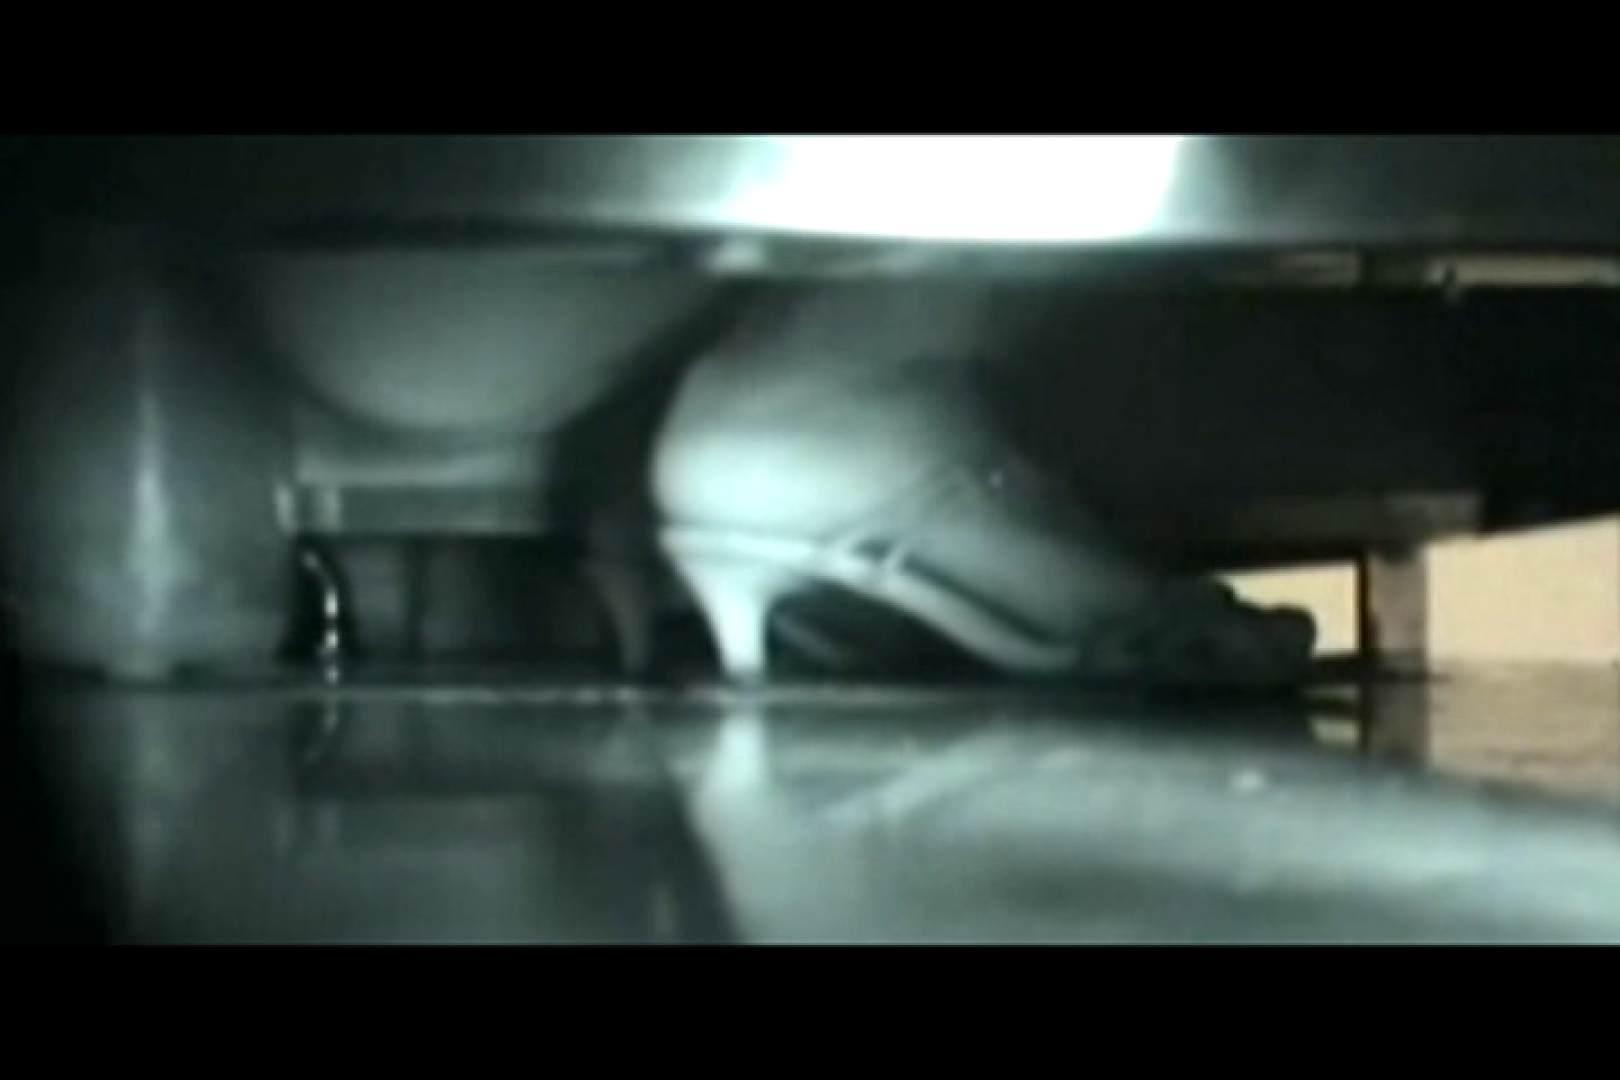 ぼっとん洗面所スペシャルVol.19 洗面所 | おまんこモロ出し  109pic 76